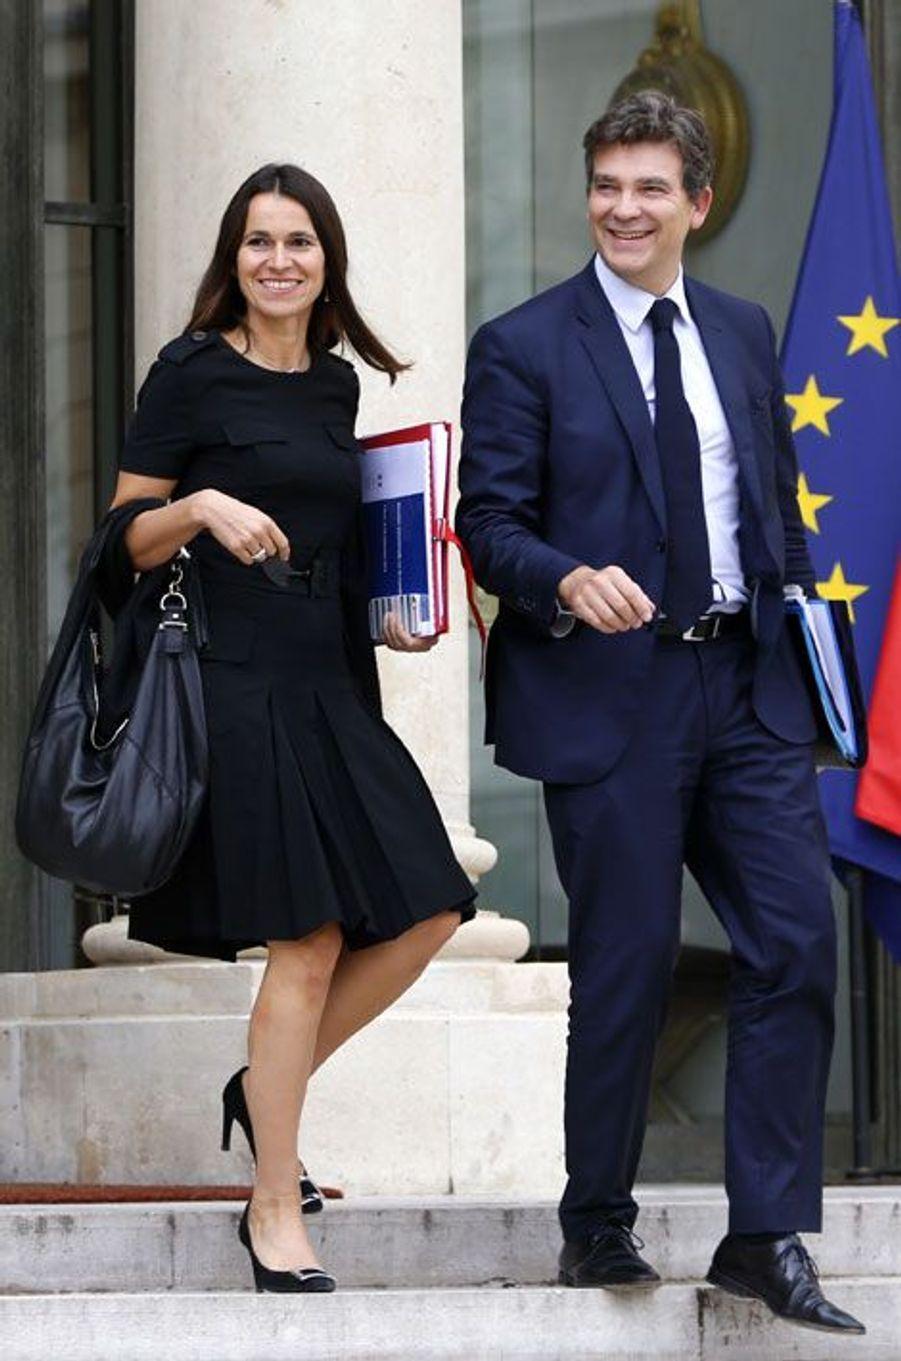 18 septembre 2013, à la sortie du Conseil des ministres